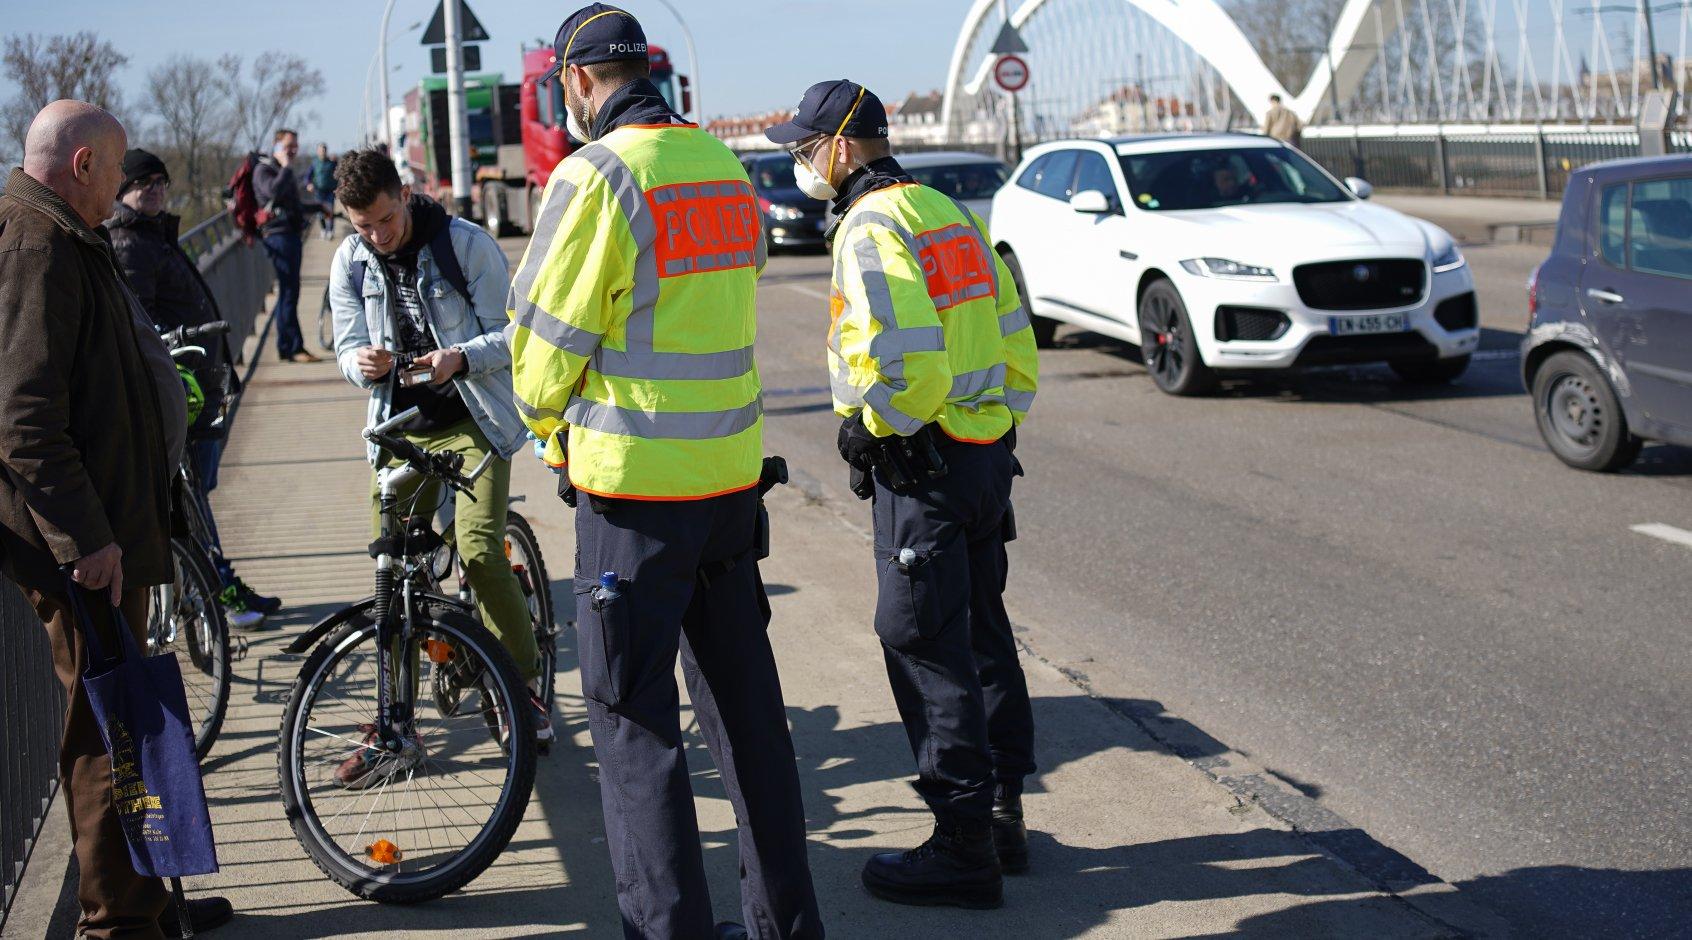 Коронавирус в Дании: мнение болельщиков о ситуации в стране (+Фото, Видео)